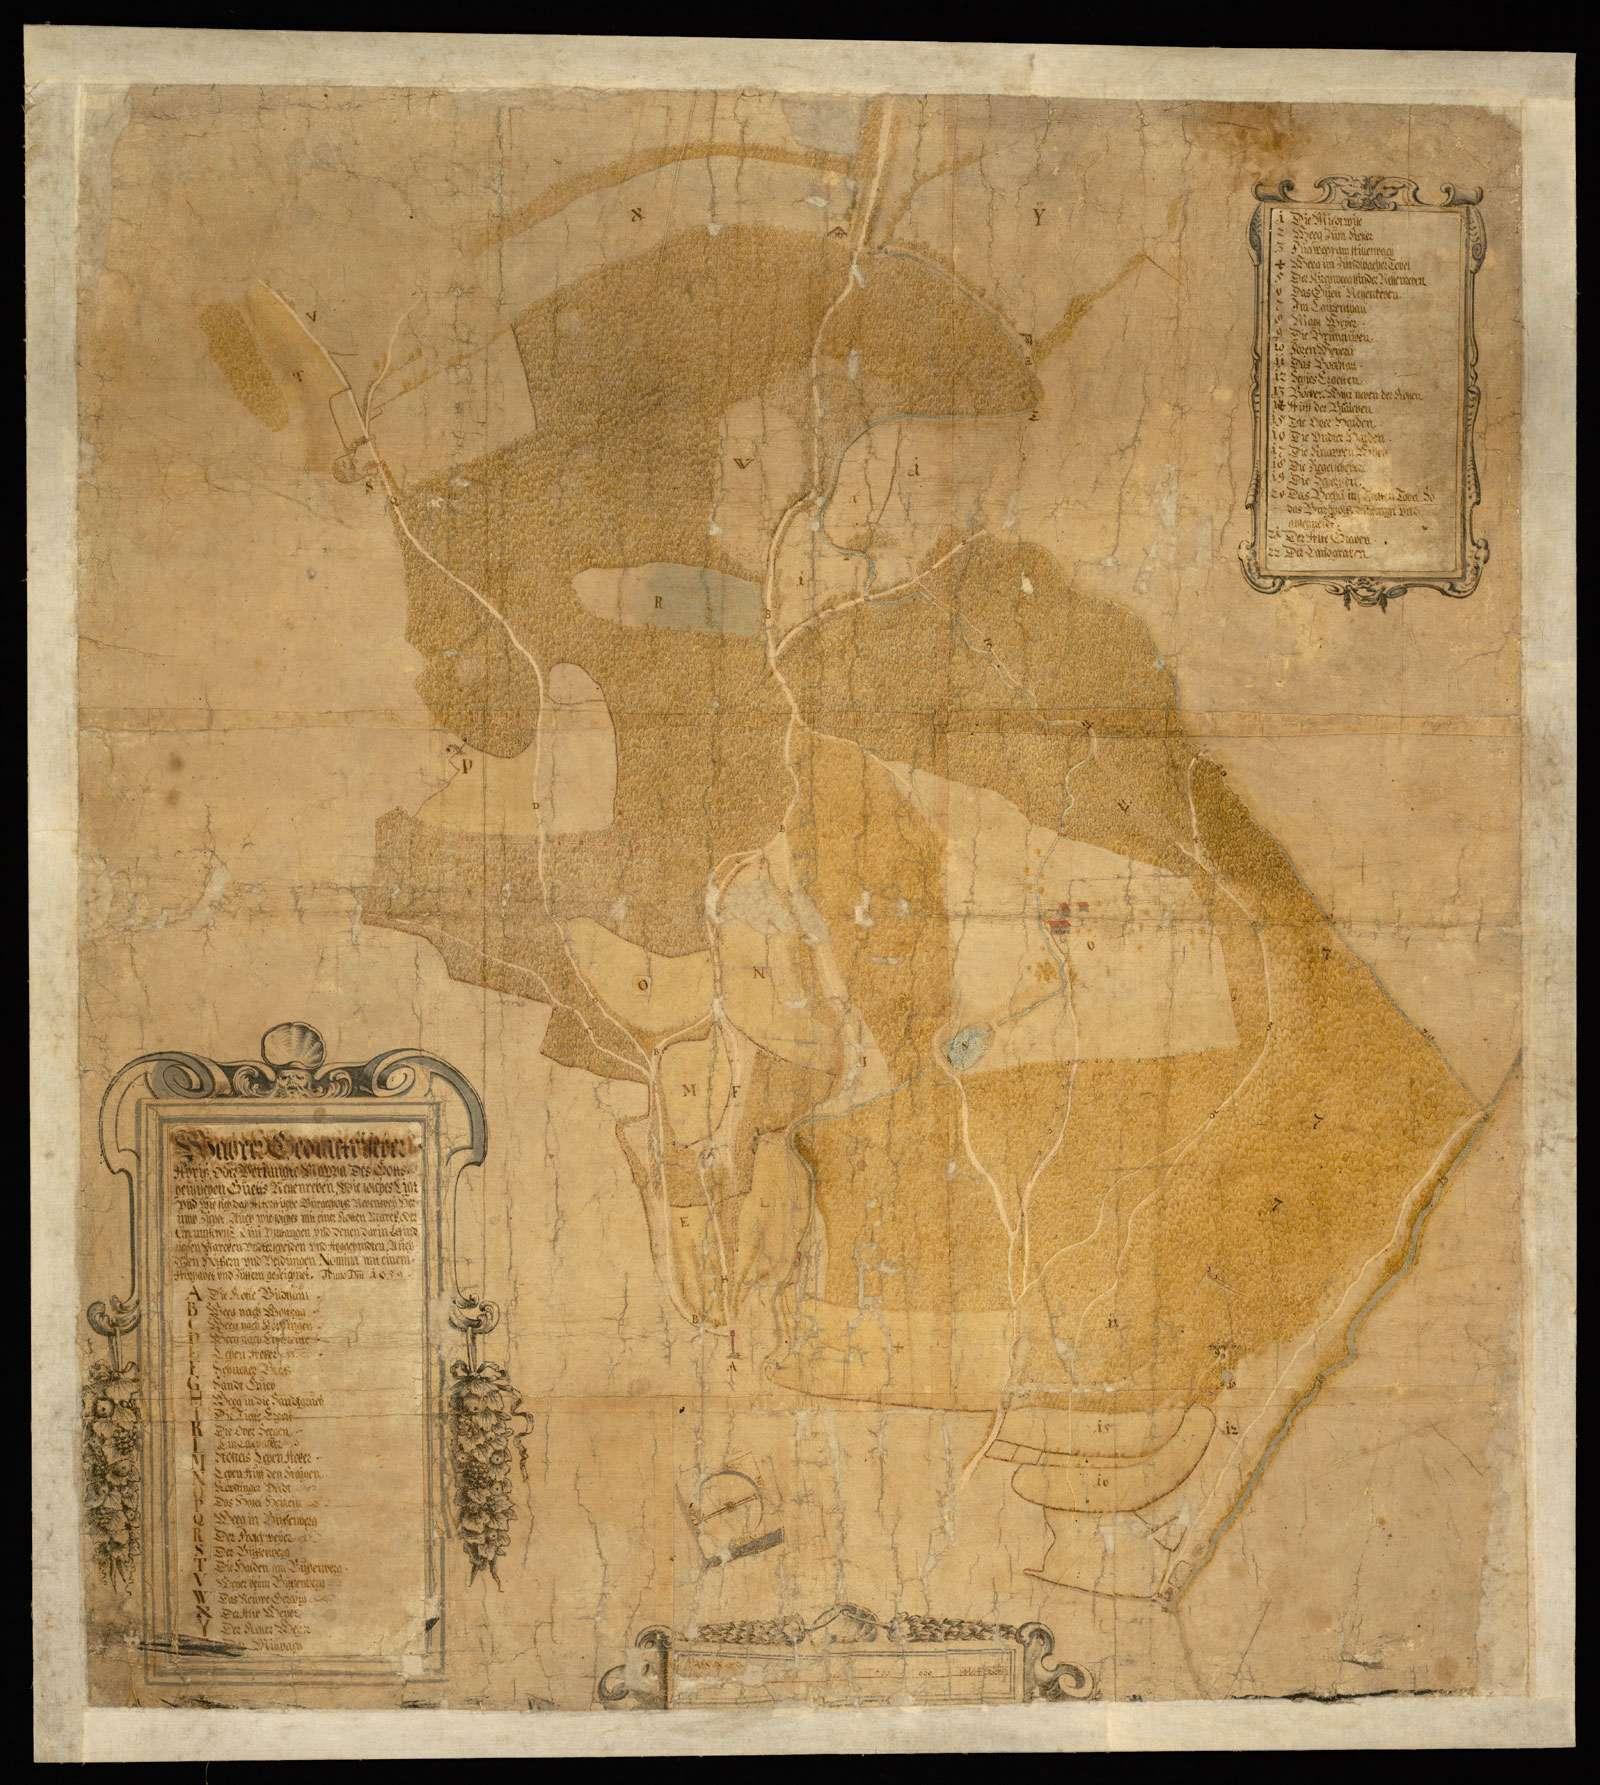 """""""Wahrer geometrischer Abriss oder verjüngte Mappa des Gotteshäusischen Gutes Nessenreben, wie solches liegt und wie sich das Altdorfische Bürgerholz nebenbei herumzieht, auch wie solches mit einer roten Mark- oder Circumferrenz-Linie umfangen, und den darin befindlichen Marken und unterscheiden und abgeschnitten, auch deren Hölzer und Felder Namen, mit einem Alphabet und Ziffern gezeichnet anno domini 1659"""", Bild 2"""